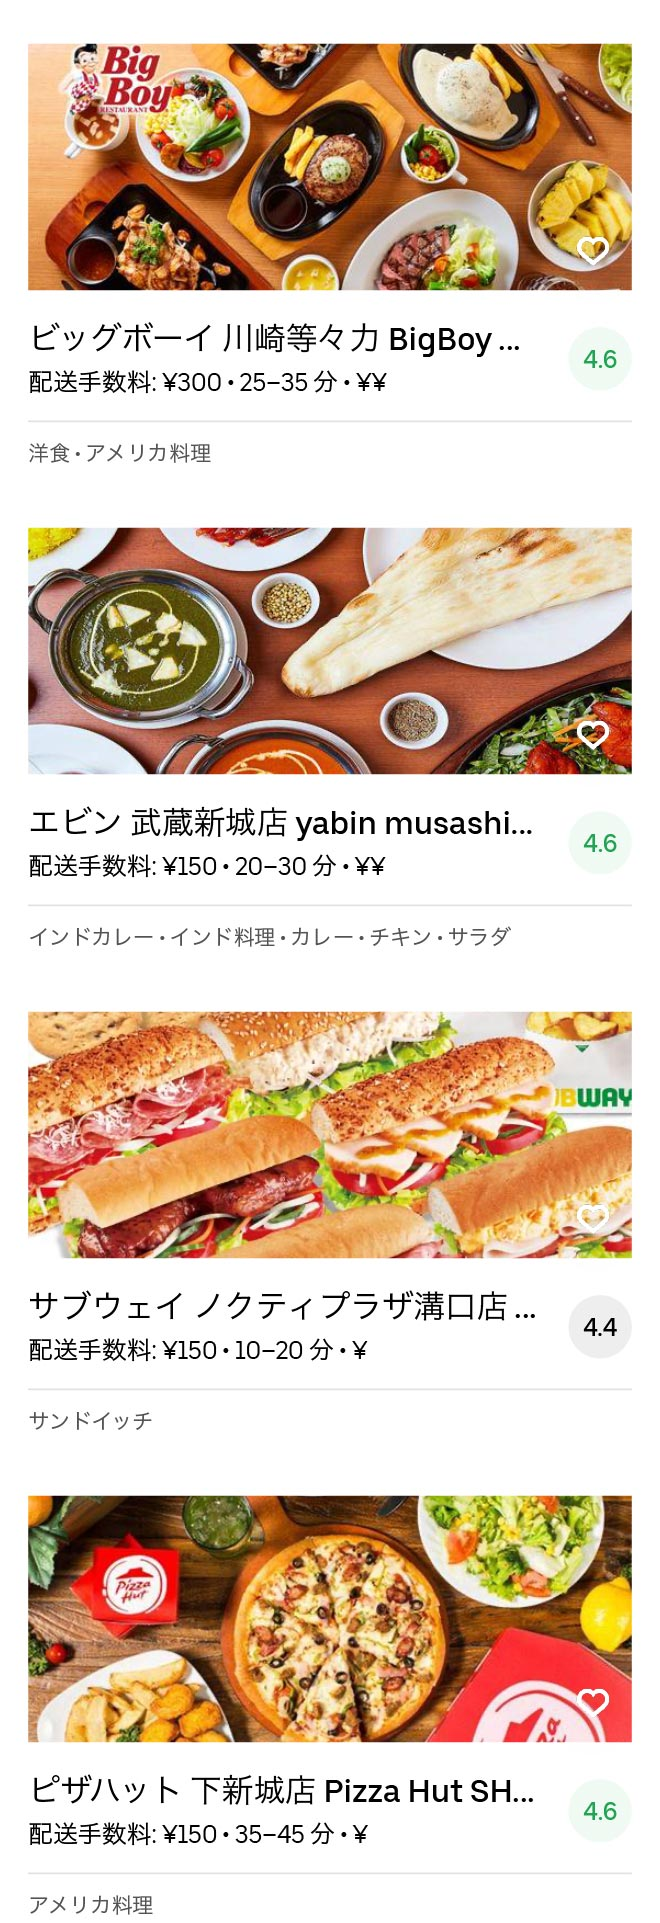 Takatsu menu 2004 11